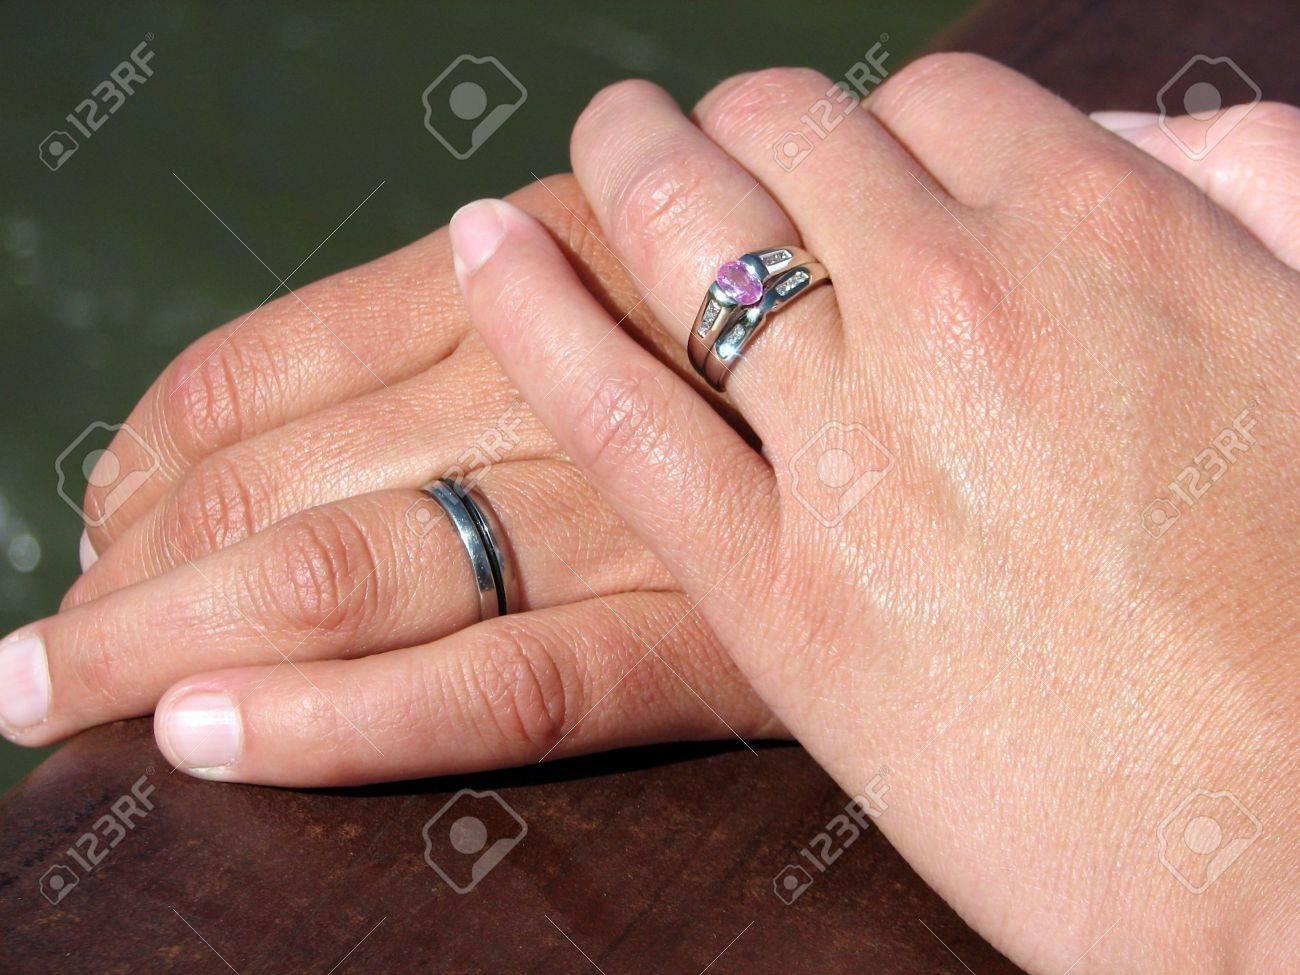 showing wedding rings